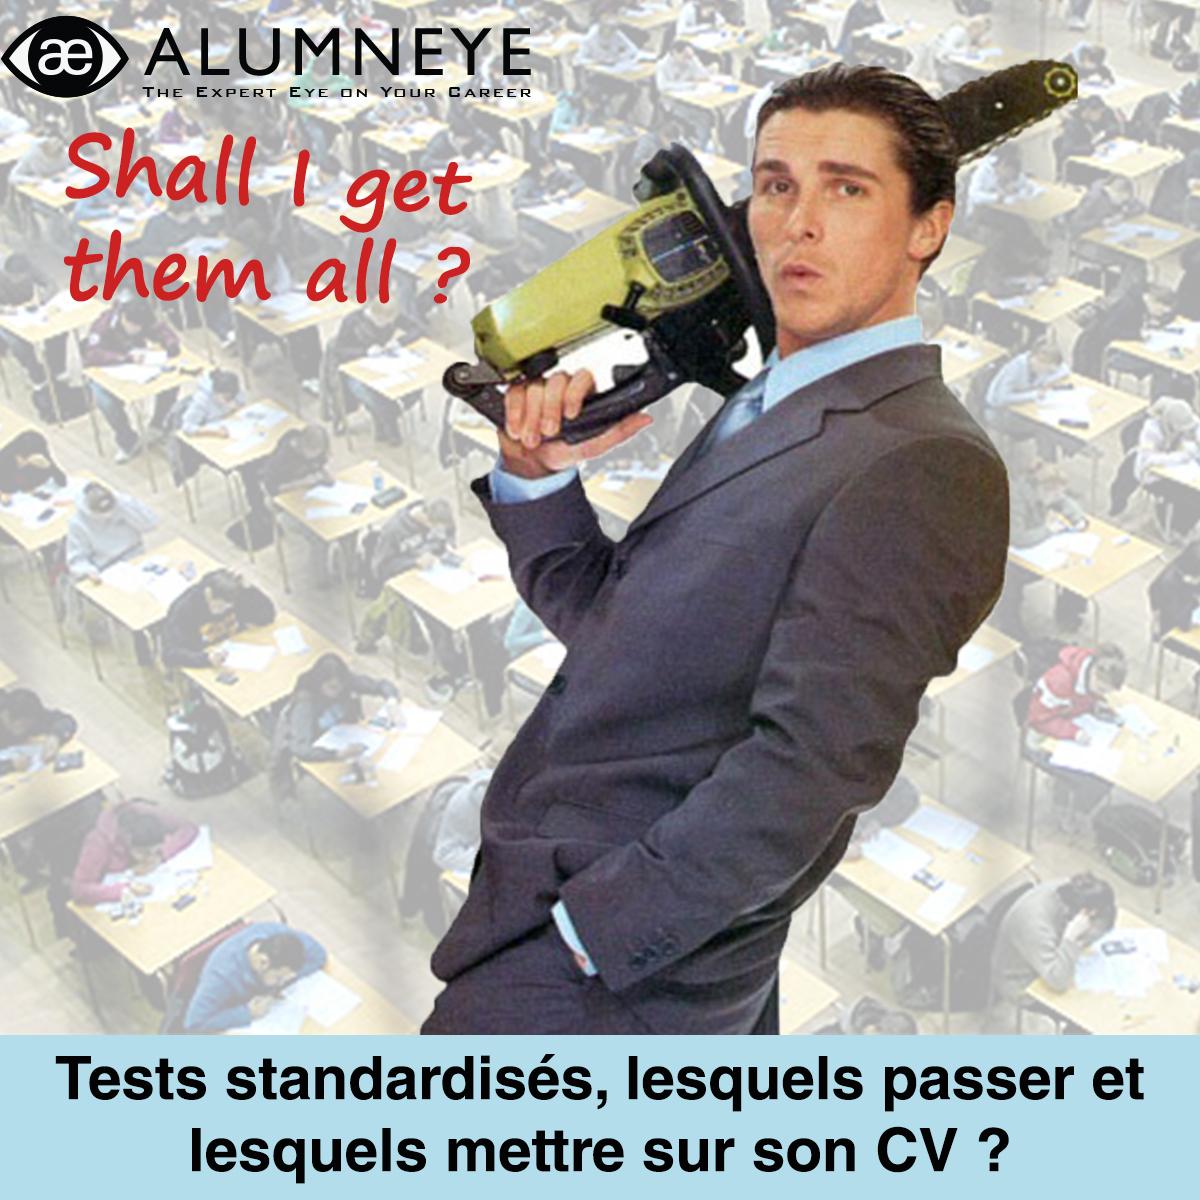 les tests standardis u00e9s  gmat  tage mage  cfa  toeic